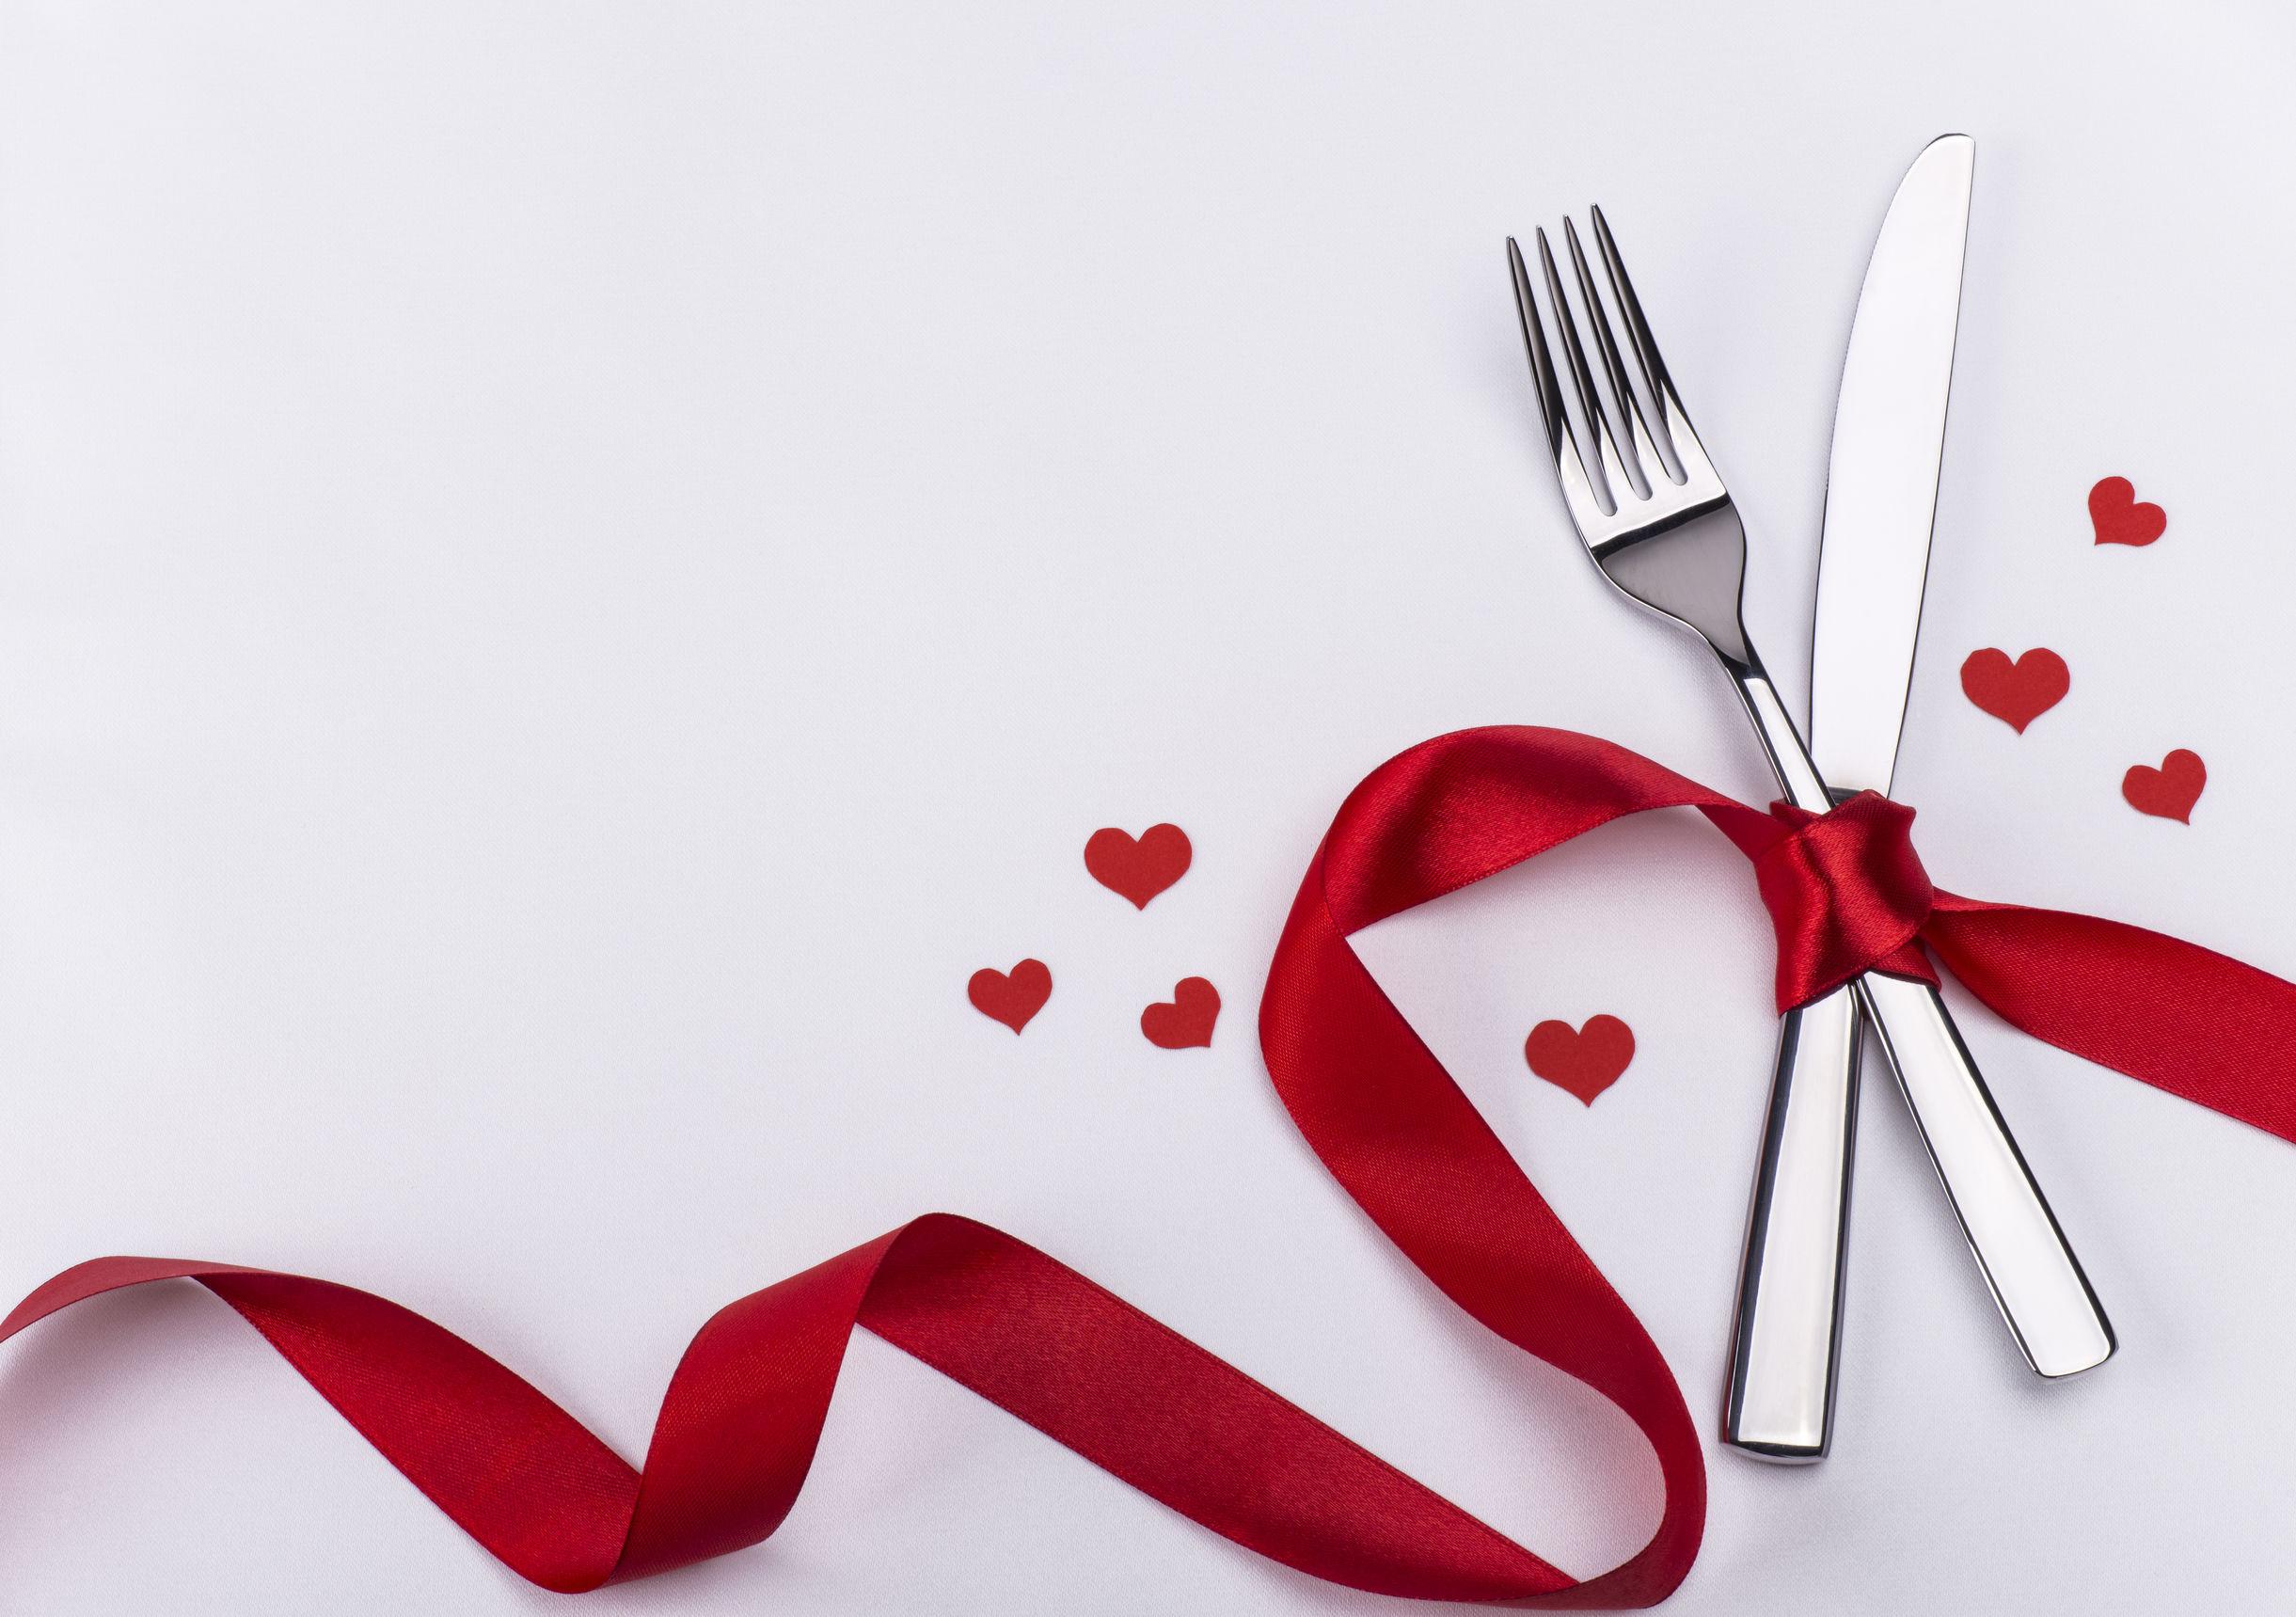 Deň zamilovaných - pripravte si menu ako z reštaurácie